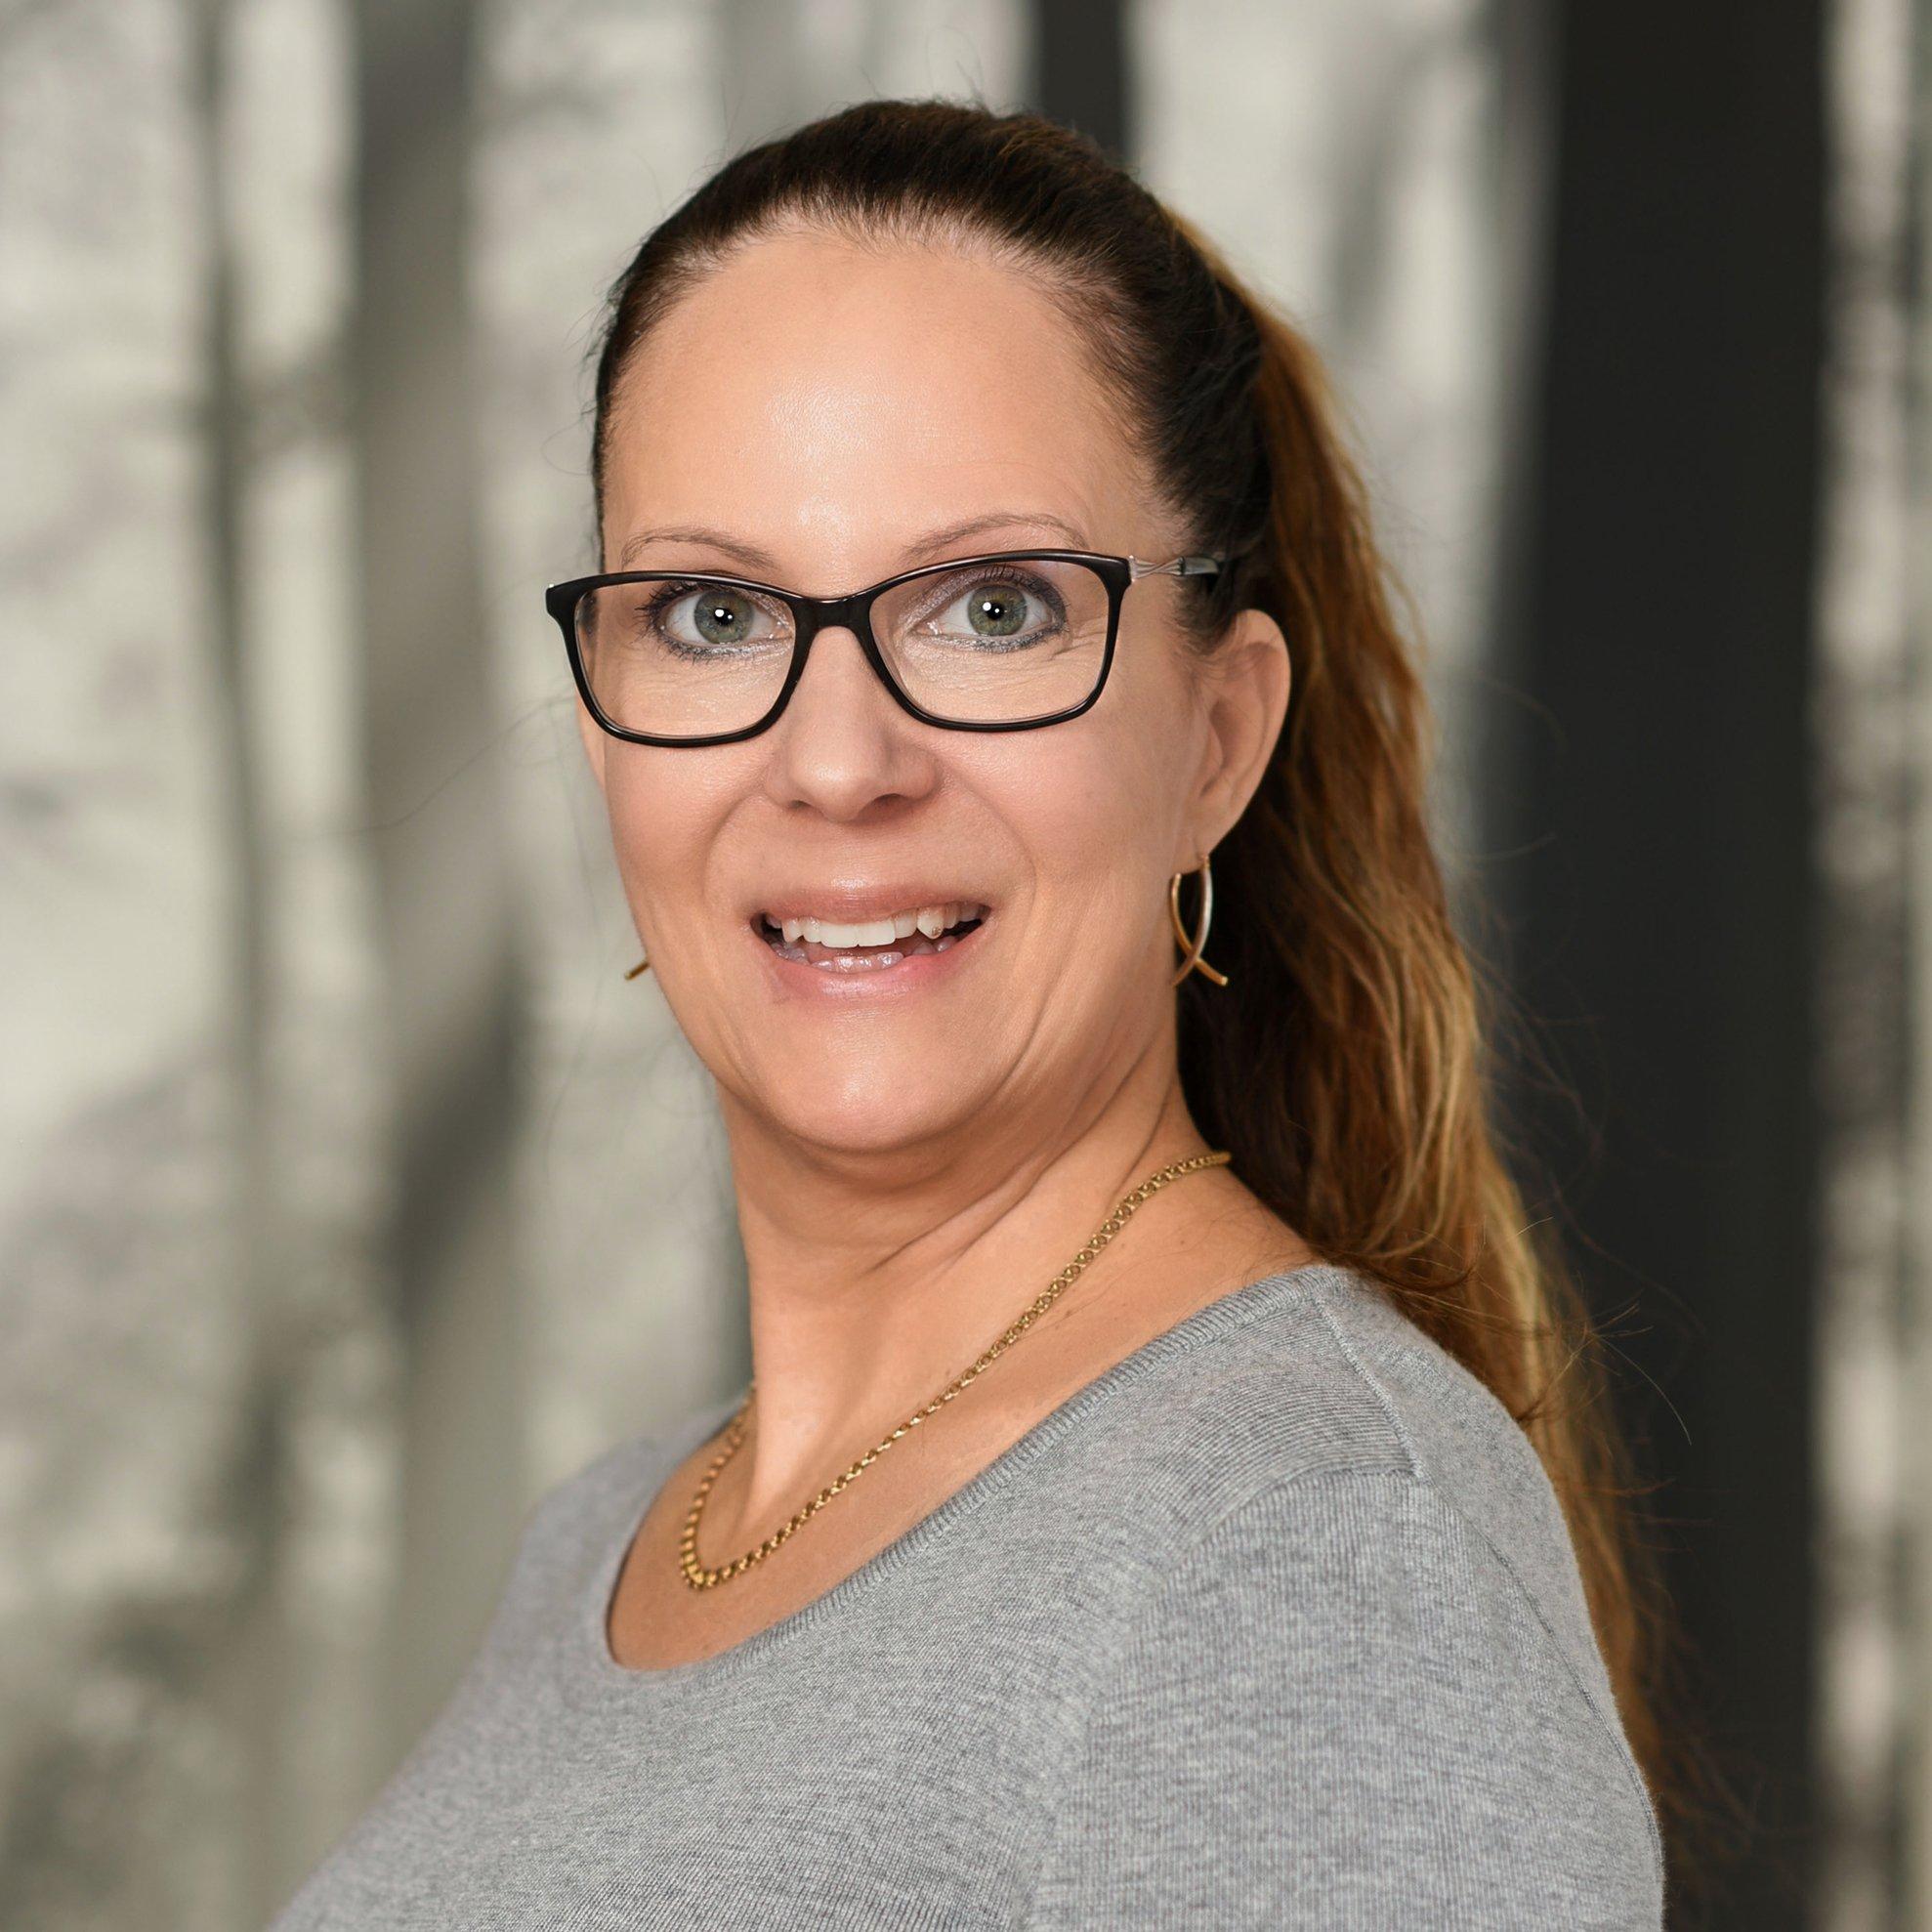 Ann-Charlotte Arnshav